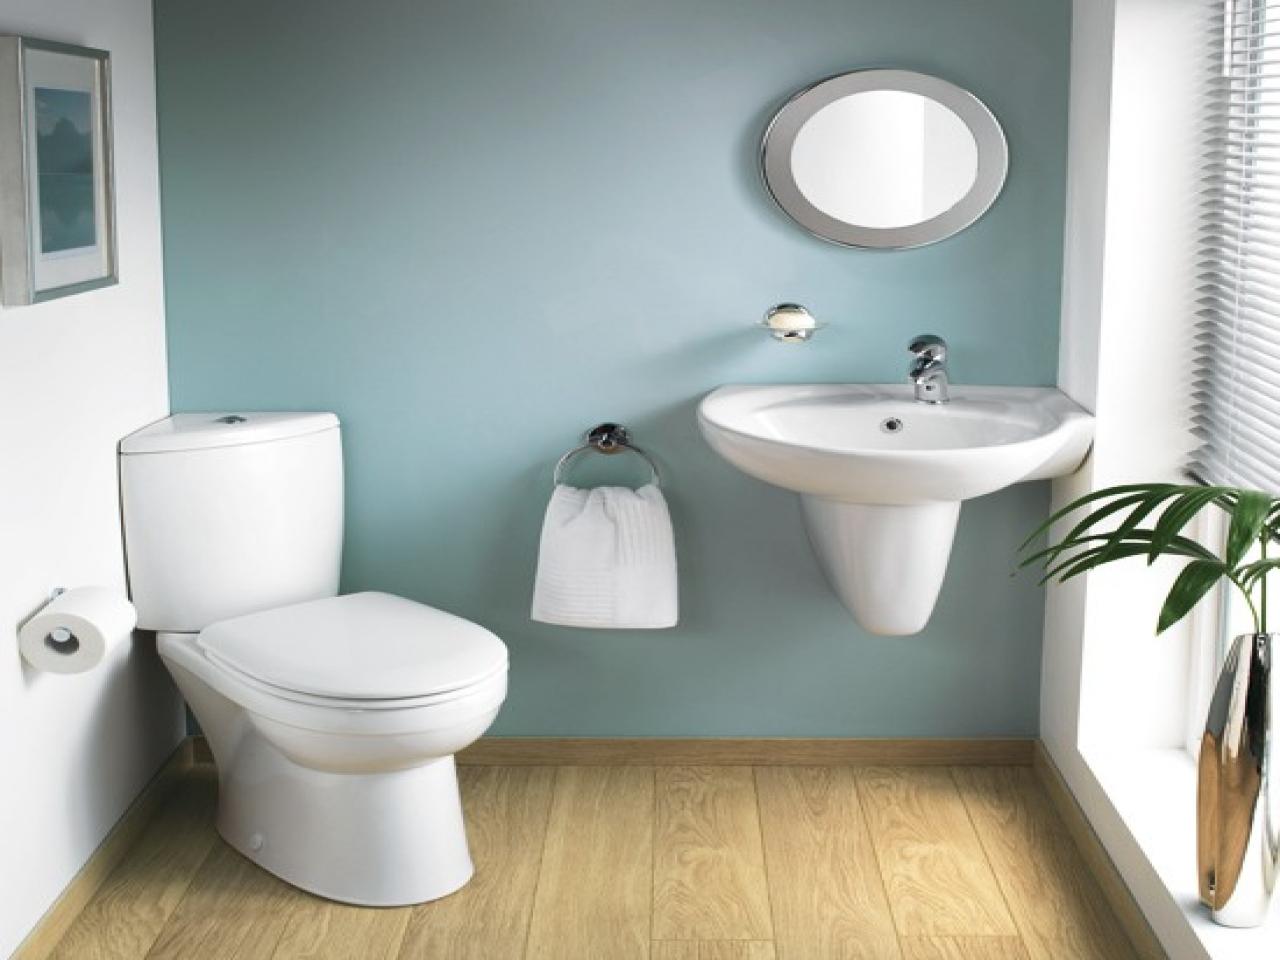 Hiasan dalaman bilik air kecil moden dengan lantai kayu